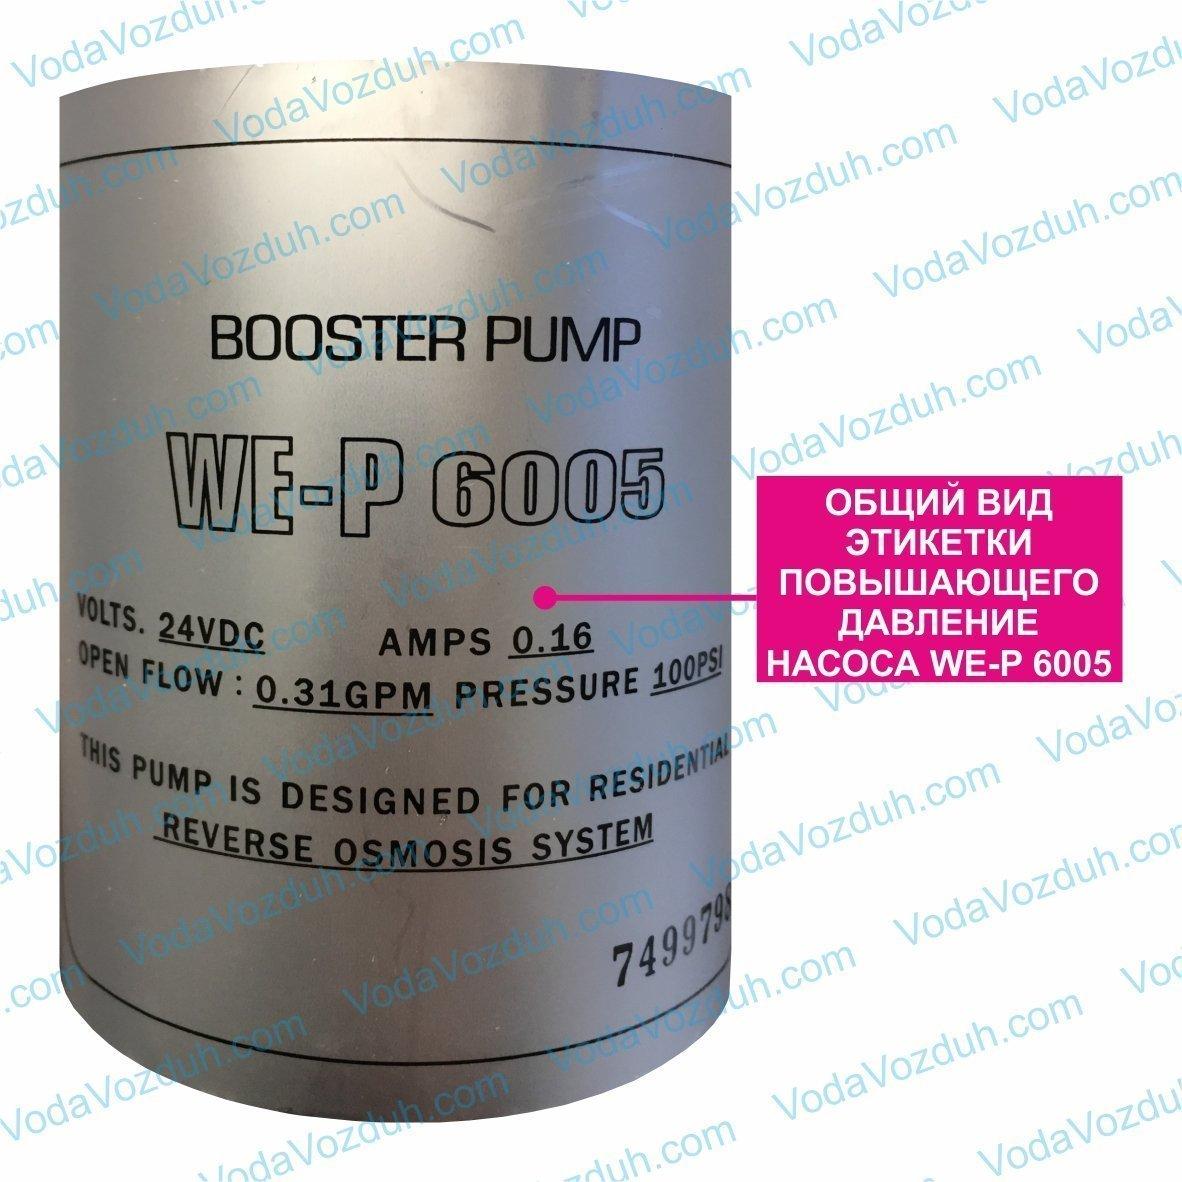 фото этикетки помпы Organic WE-P 6005